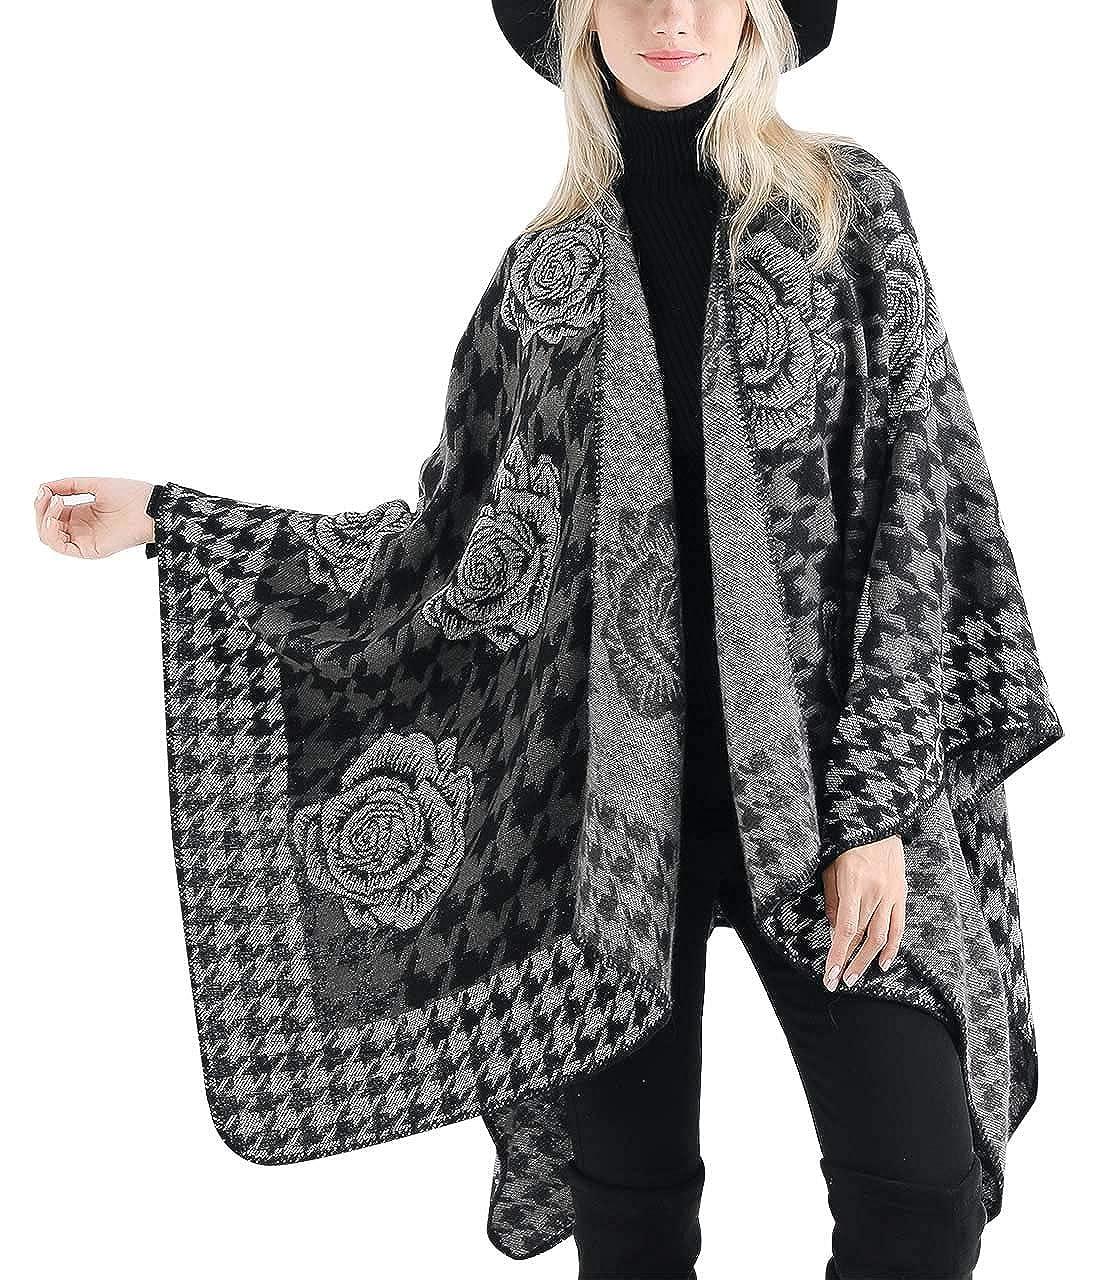 135cm FEOYA Poncho de Mujer Estola Invierno Estampado Florales Original Lana Artificial Caliente para Vestido Gran Tama/ño Color Variado 150